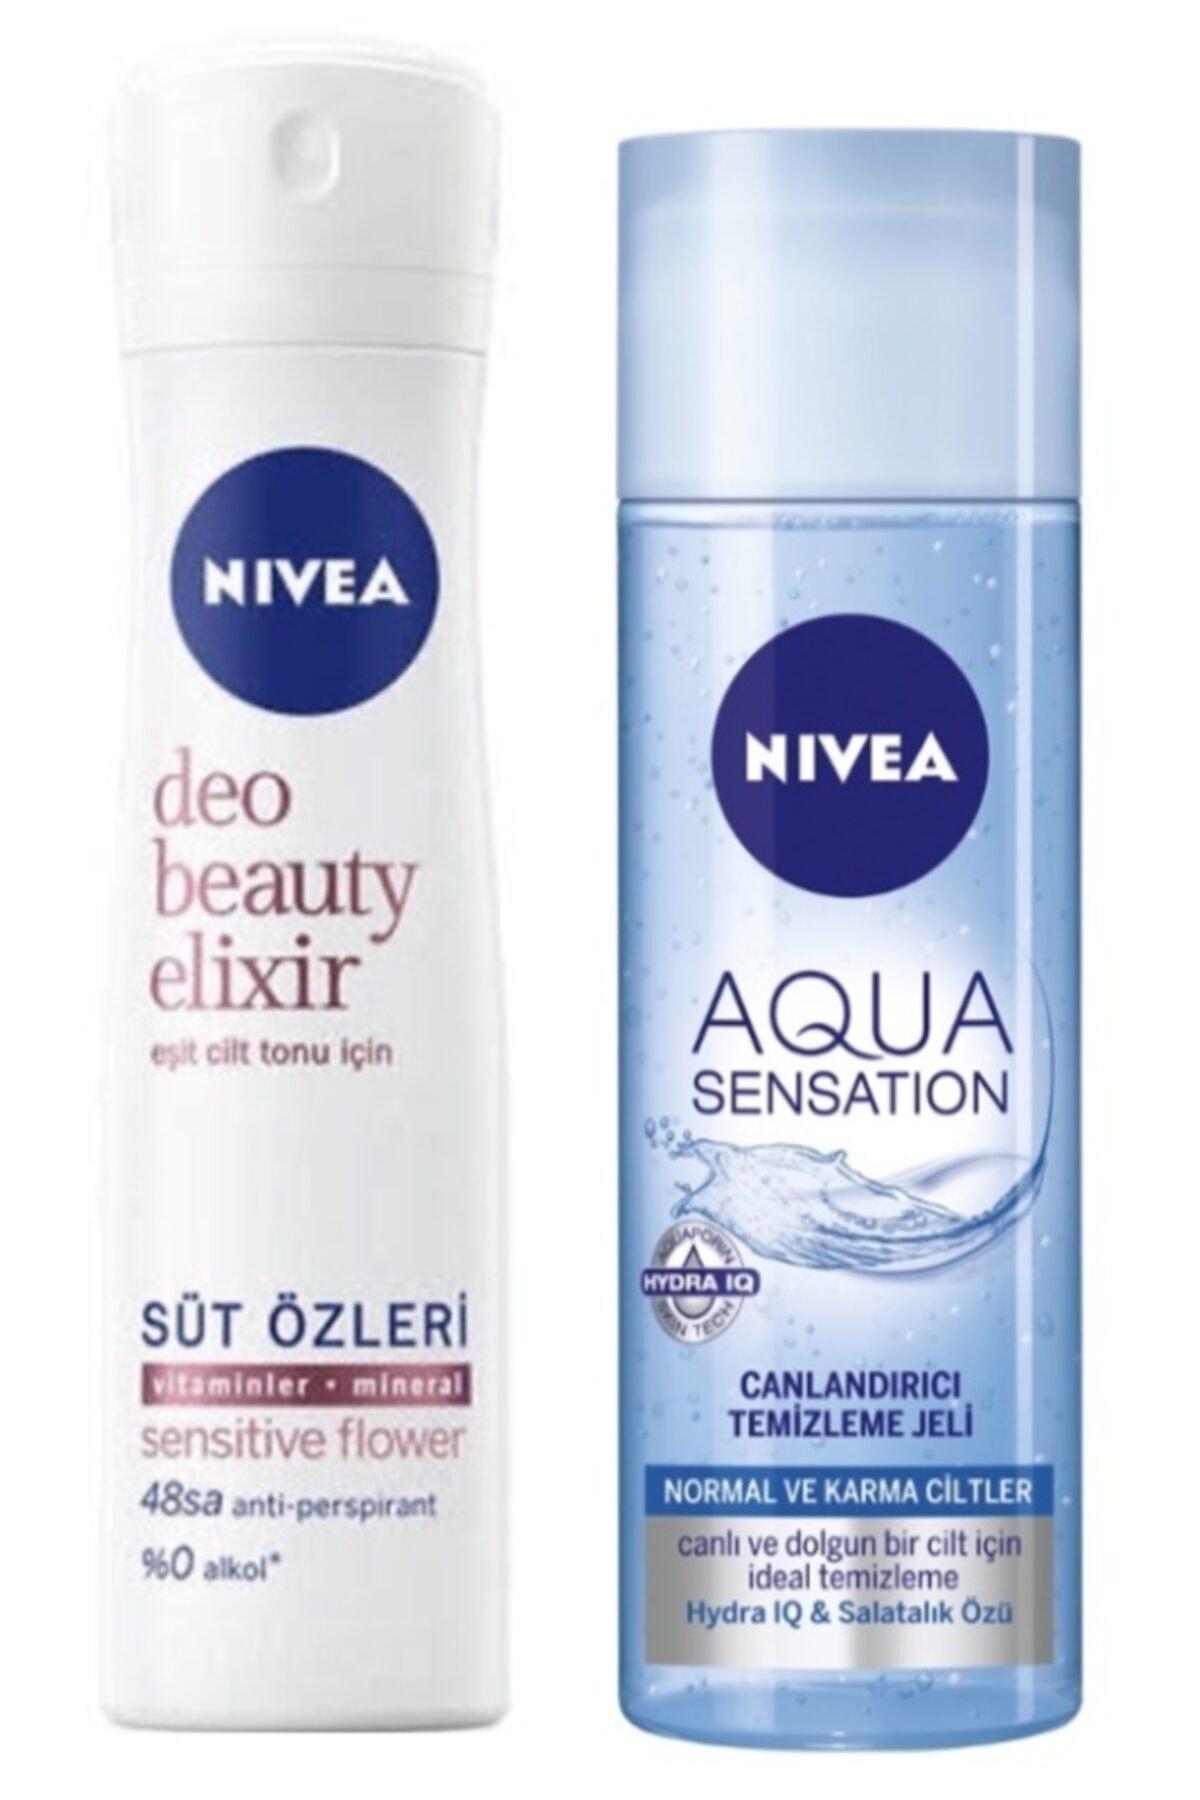 Nivea Deodorant Beauty Elixir Sensitive Flower Kadın Sprey 150 ml  Aqua Sensation Temizleme Jeli 200 ml 1